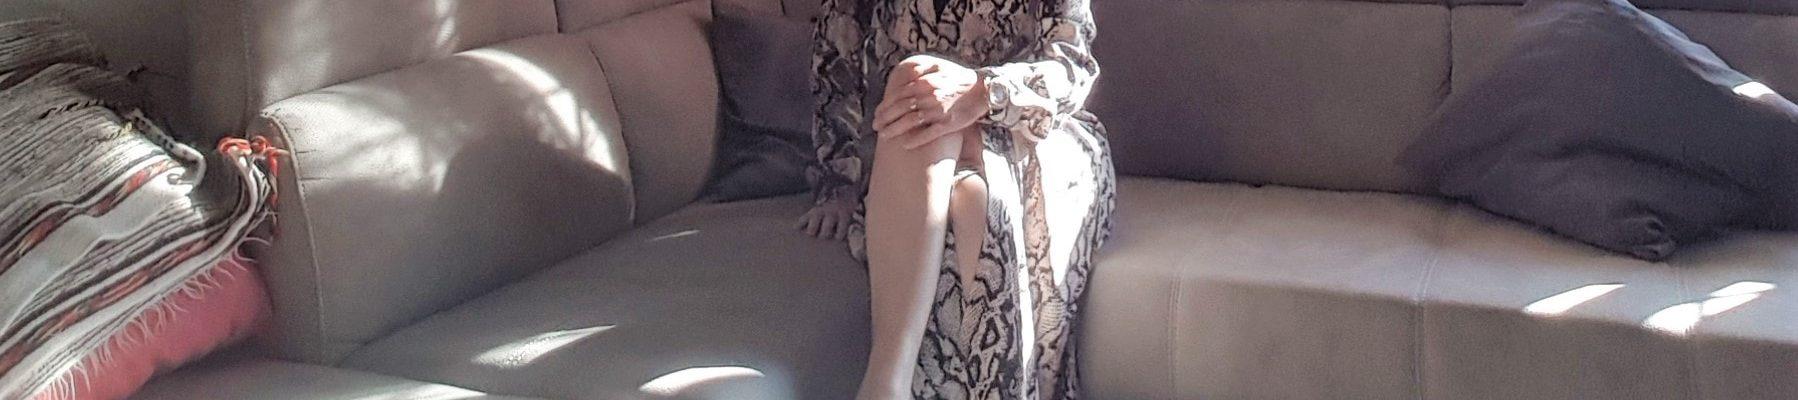 Stampe animalier e long dresses per un look di primavera estate over 40